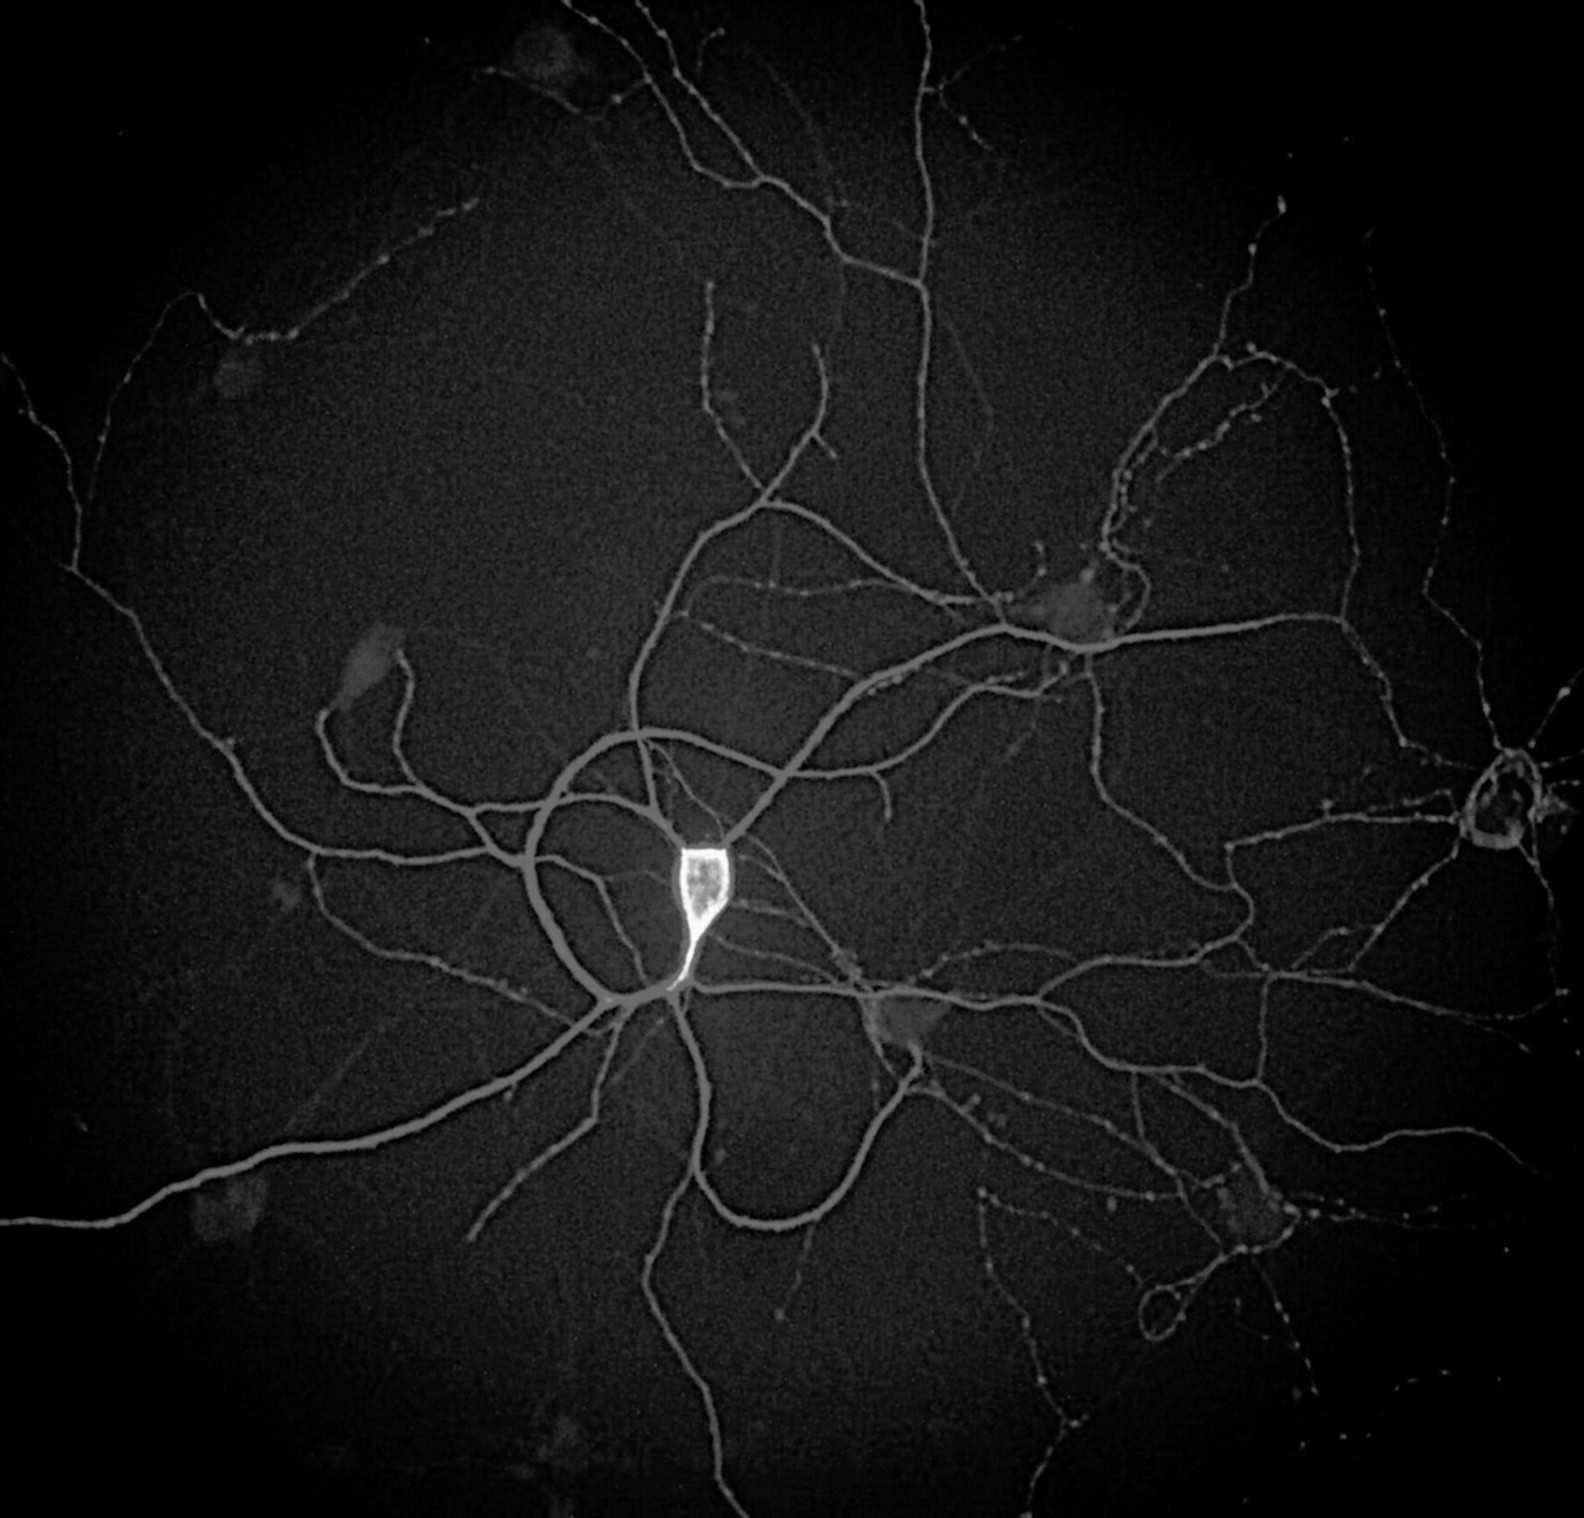 Ученые разработали ультразвуковой метод лечения болезни Альцгеймера